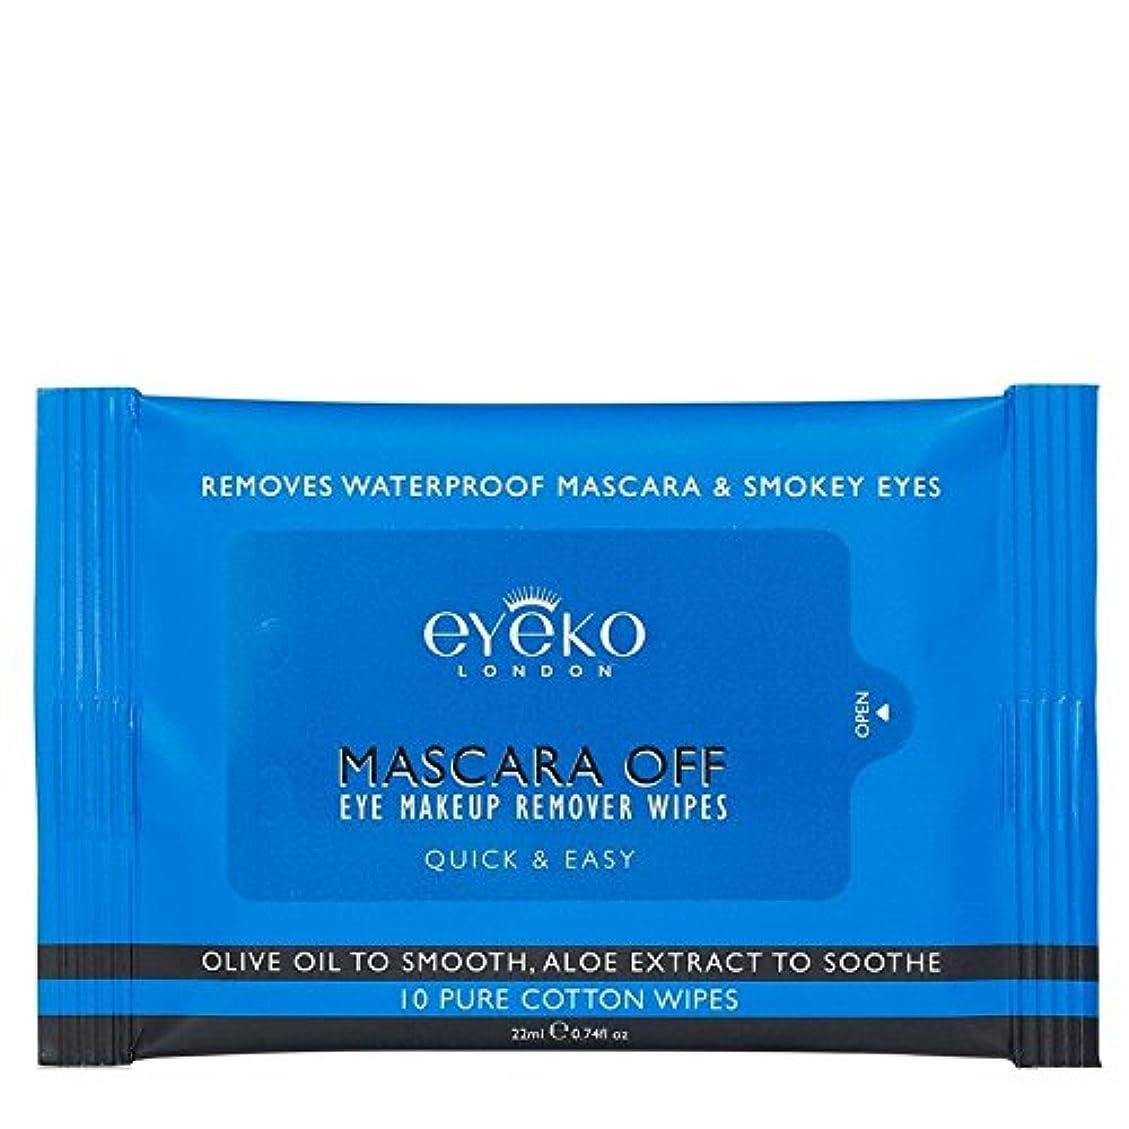 蘇生する気質リフトマスカラオフパックあたり10ワイプ x2 - Eyeko Mascara off Wipes 10 per pack (Pack of 2) [並行輸入品]